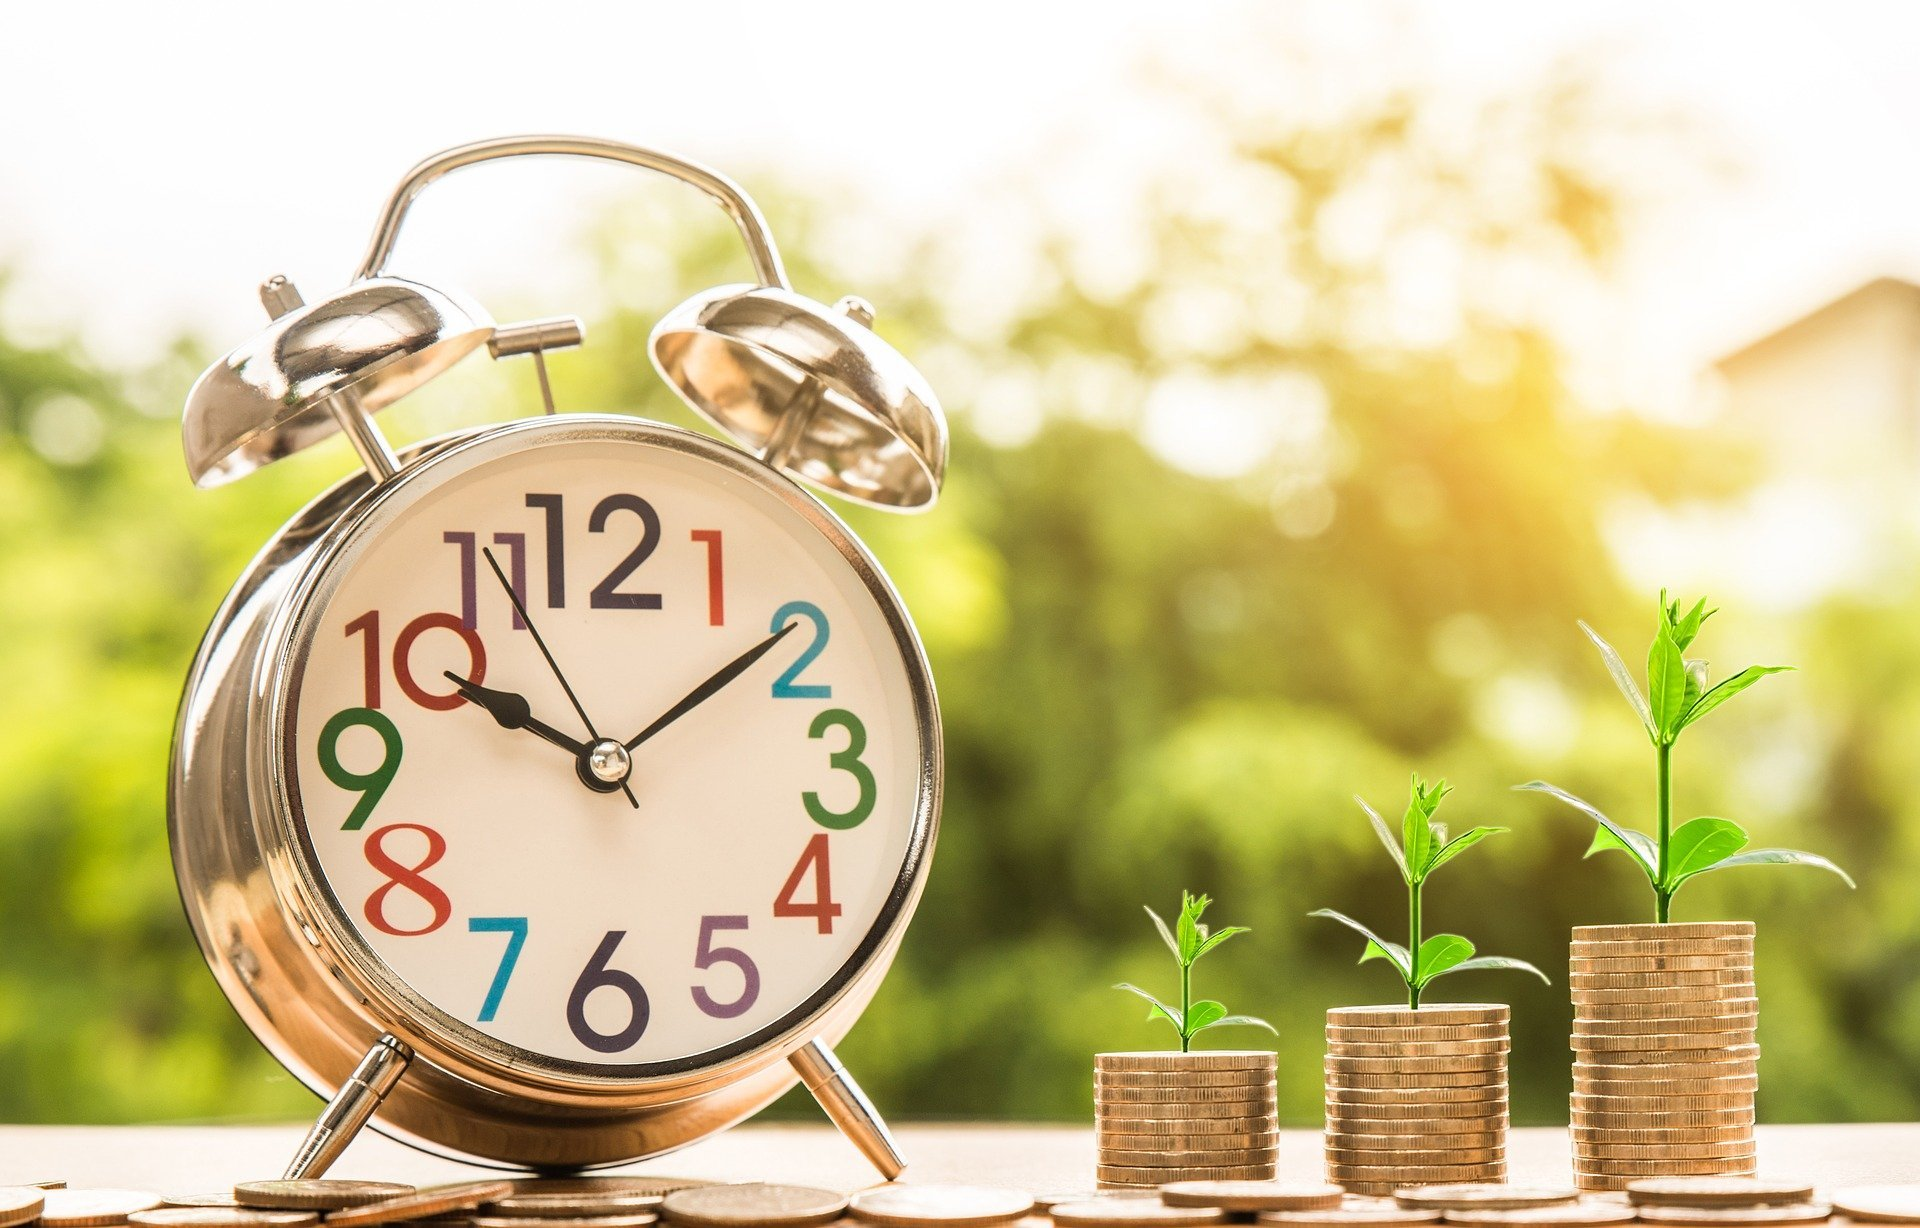 Grantly - Slovenski podjetniški sklad ponovno razpisuje subvencije malih vrednosti